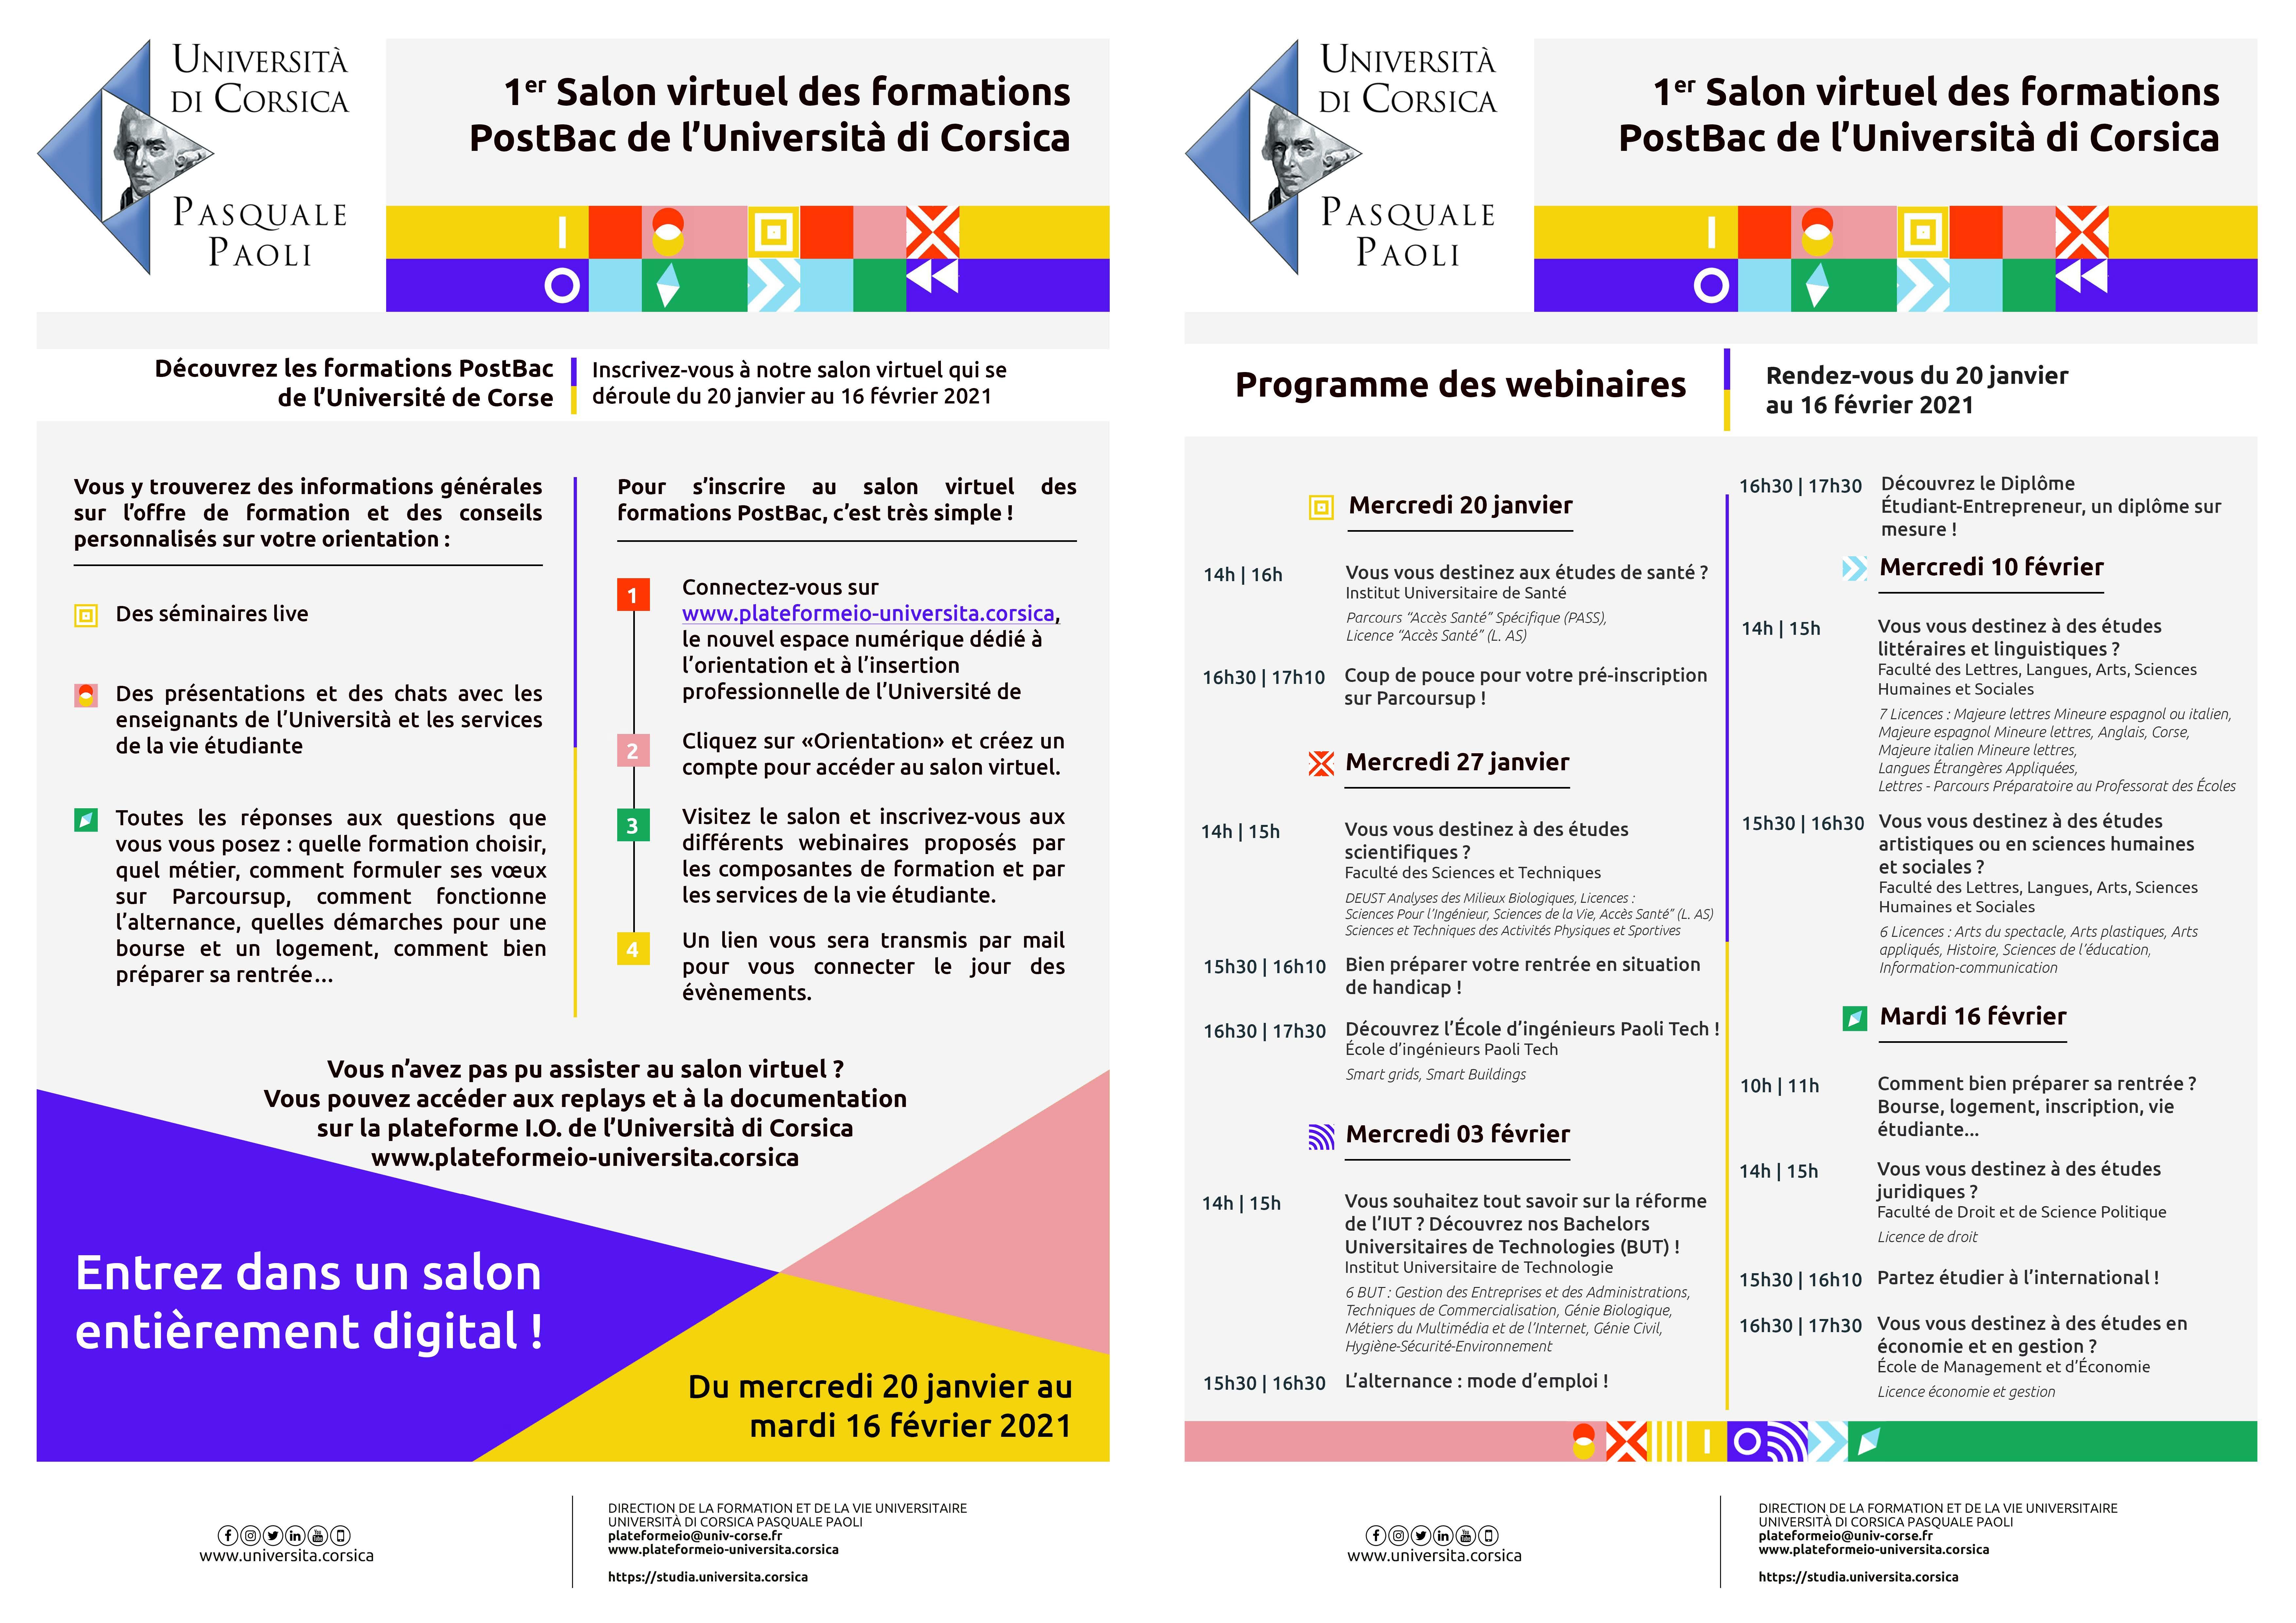 Salon virtuel des formations PostBac de l'Université de Corse